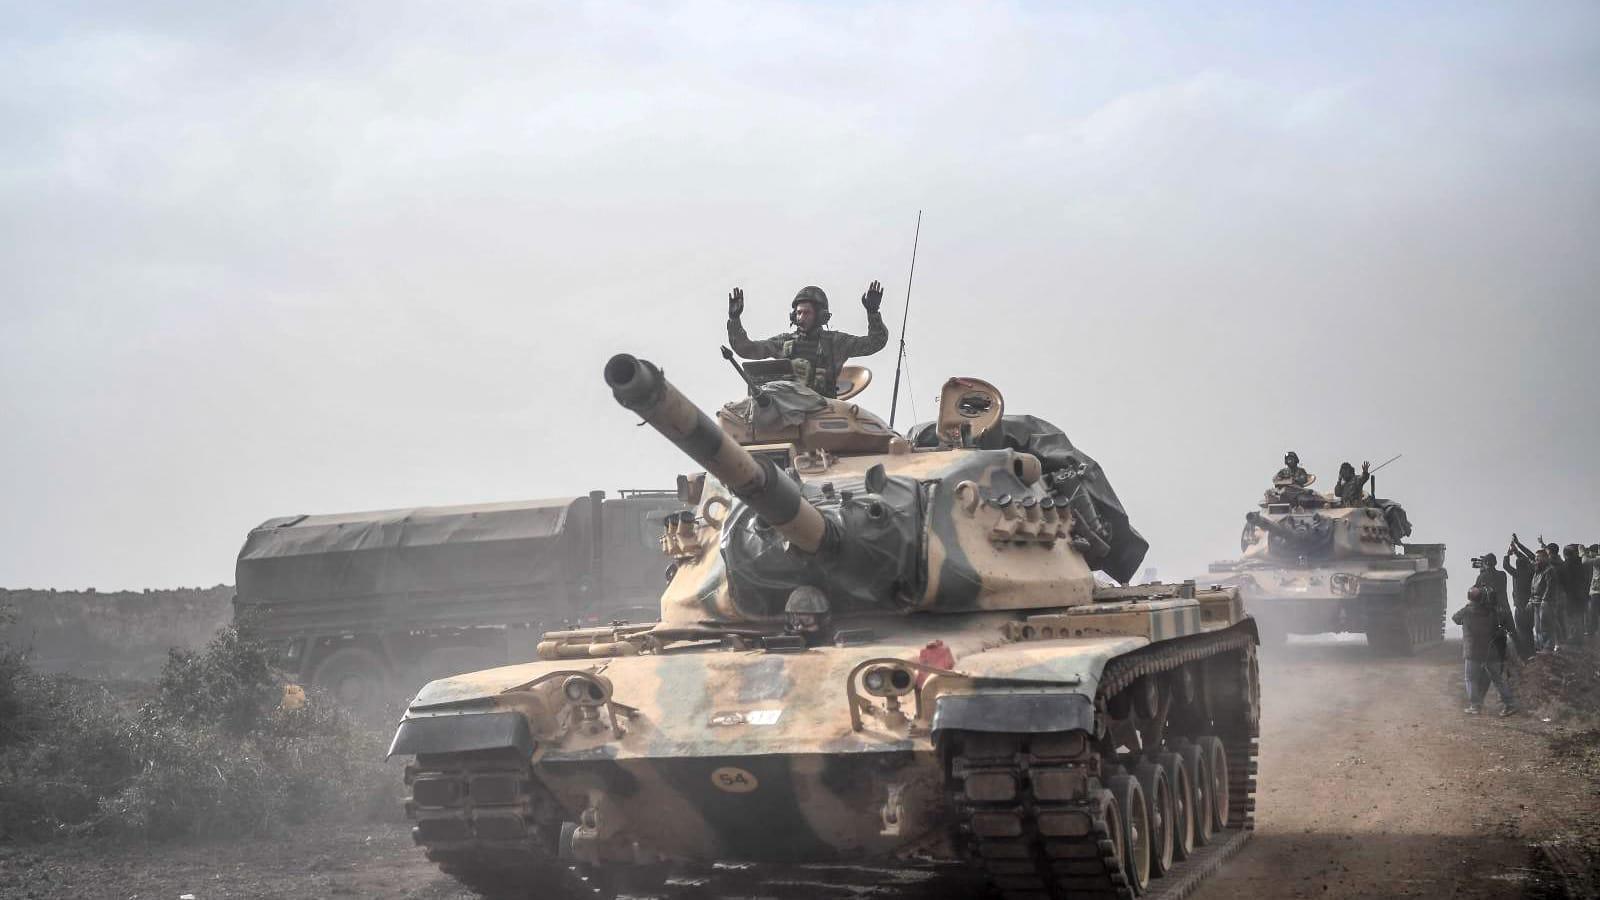 بين جيشي تركيا وسوريا.. من يتفوق في حال اندلاع مواجهة؟